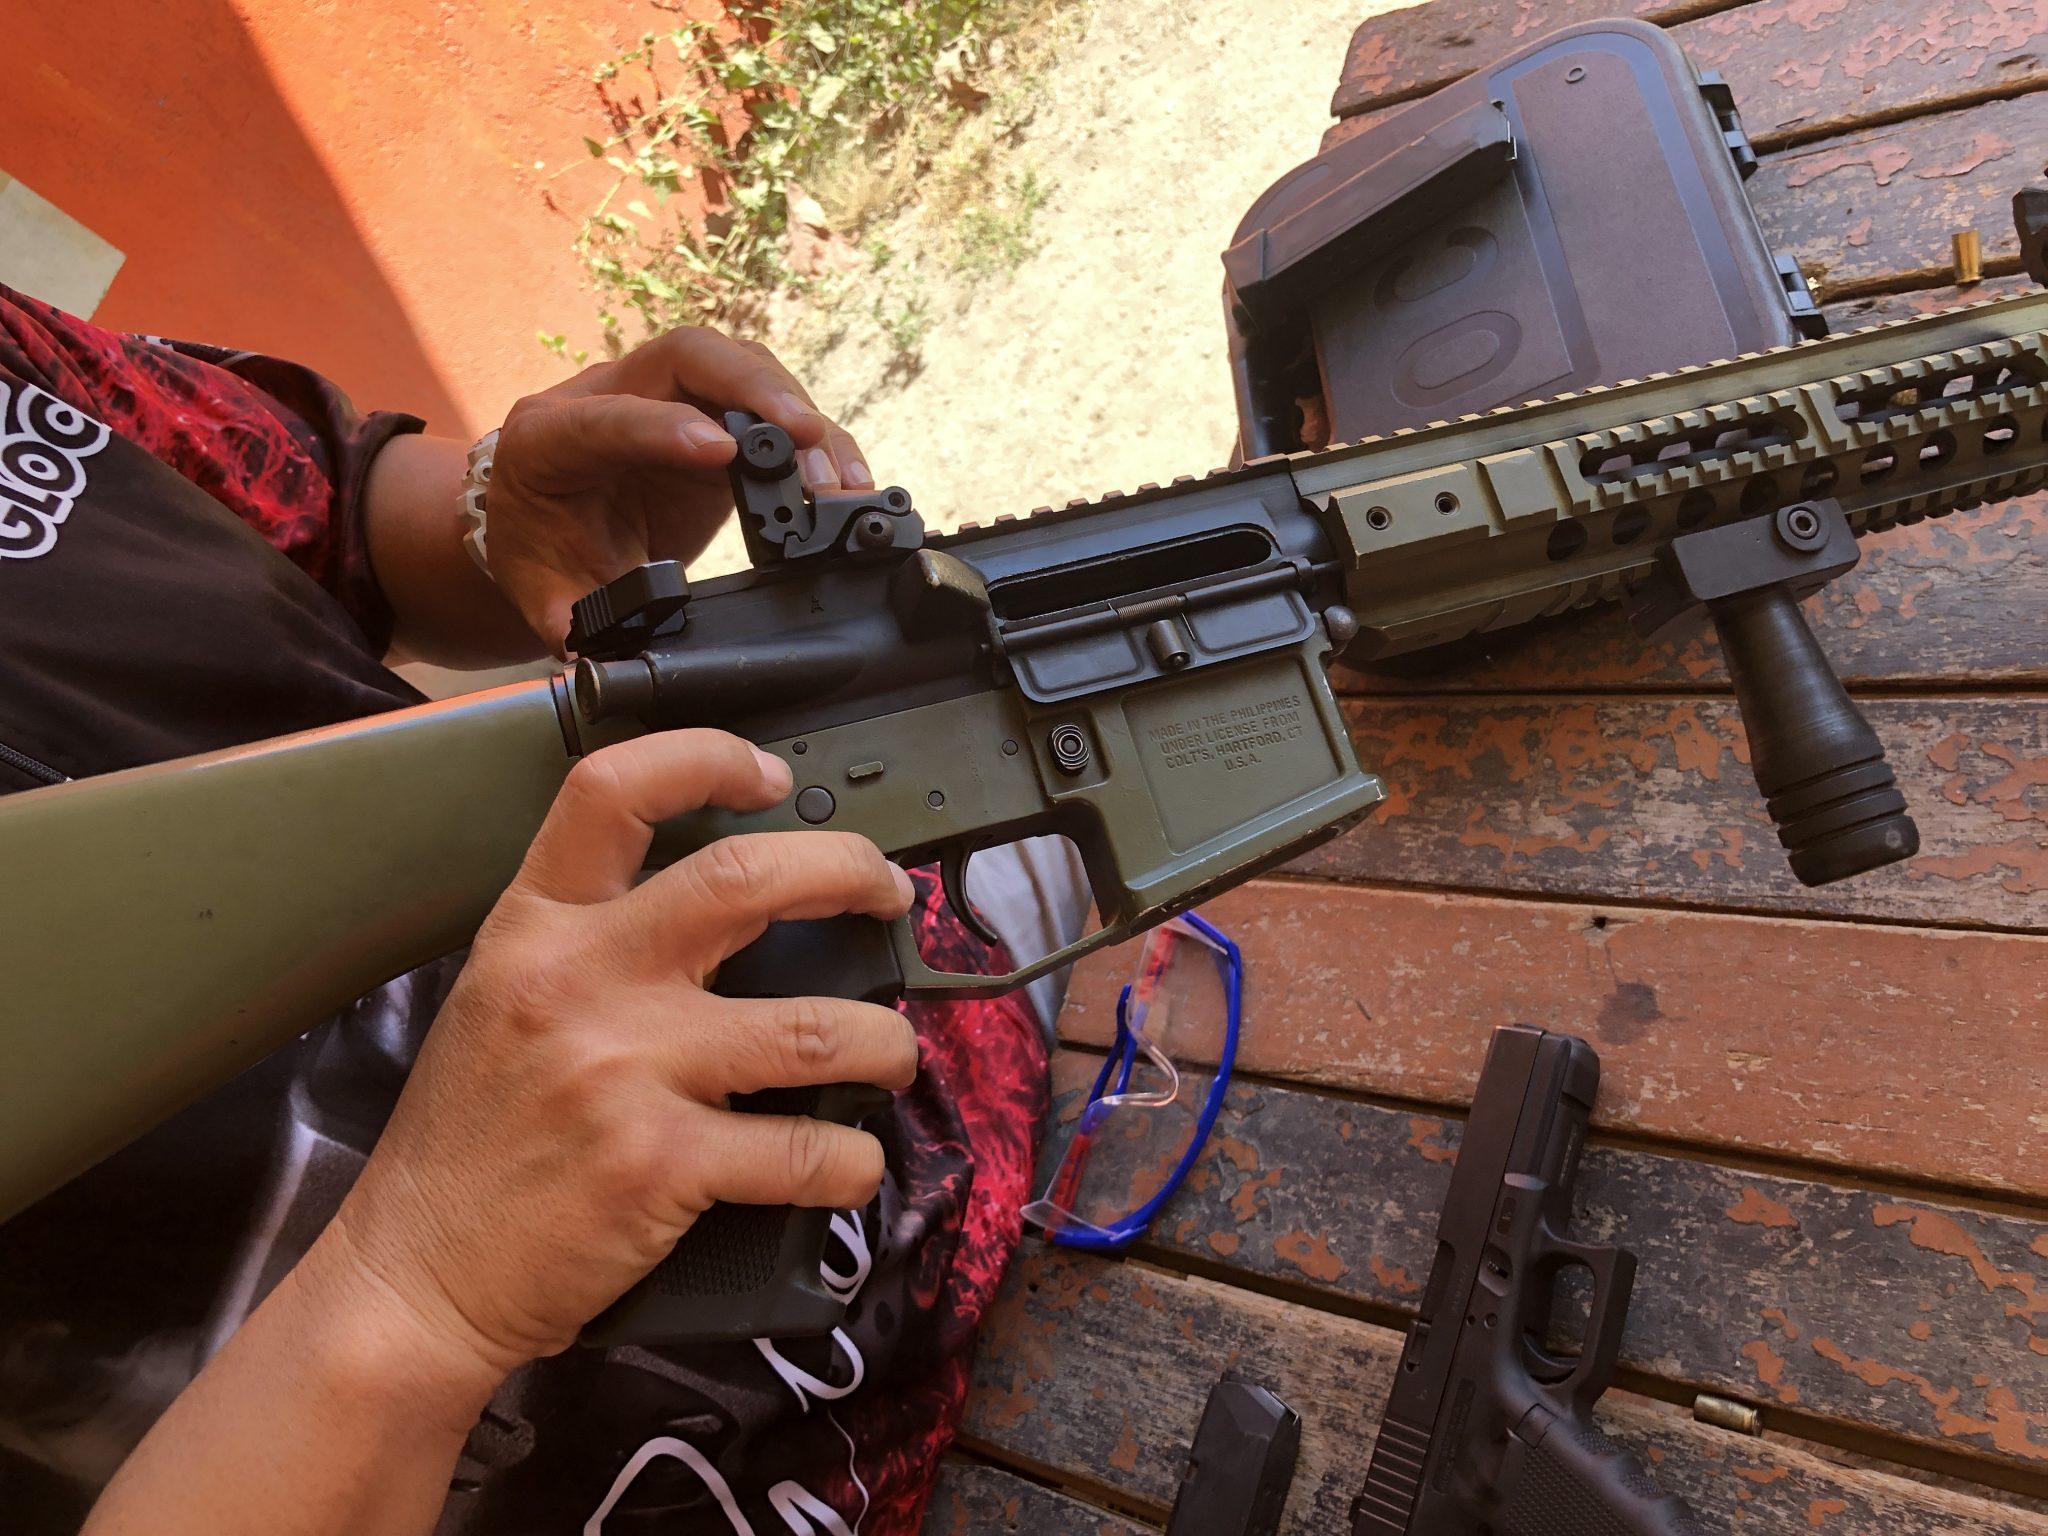 3BA1C9F7 7EE5 4F27 8234 C7D3AA2CB12F - フィリピンで実弾射撃part2